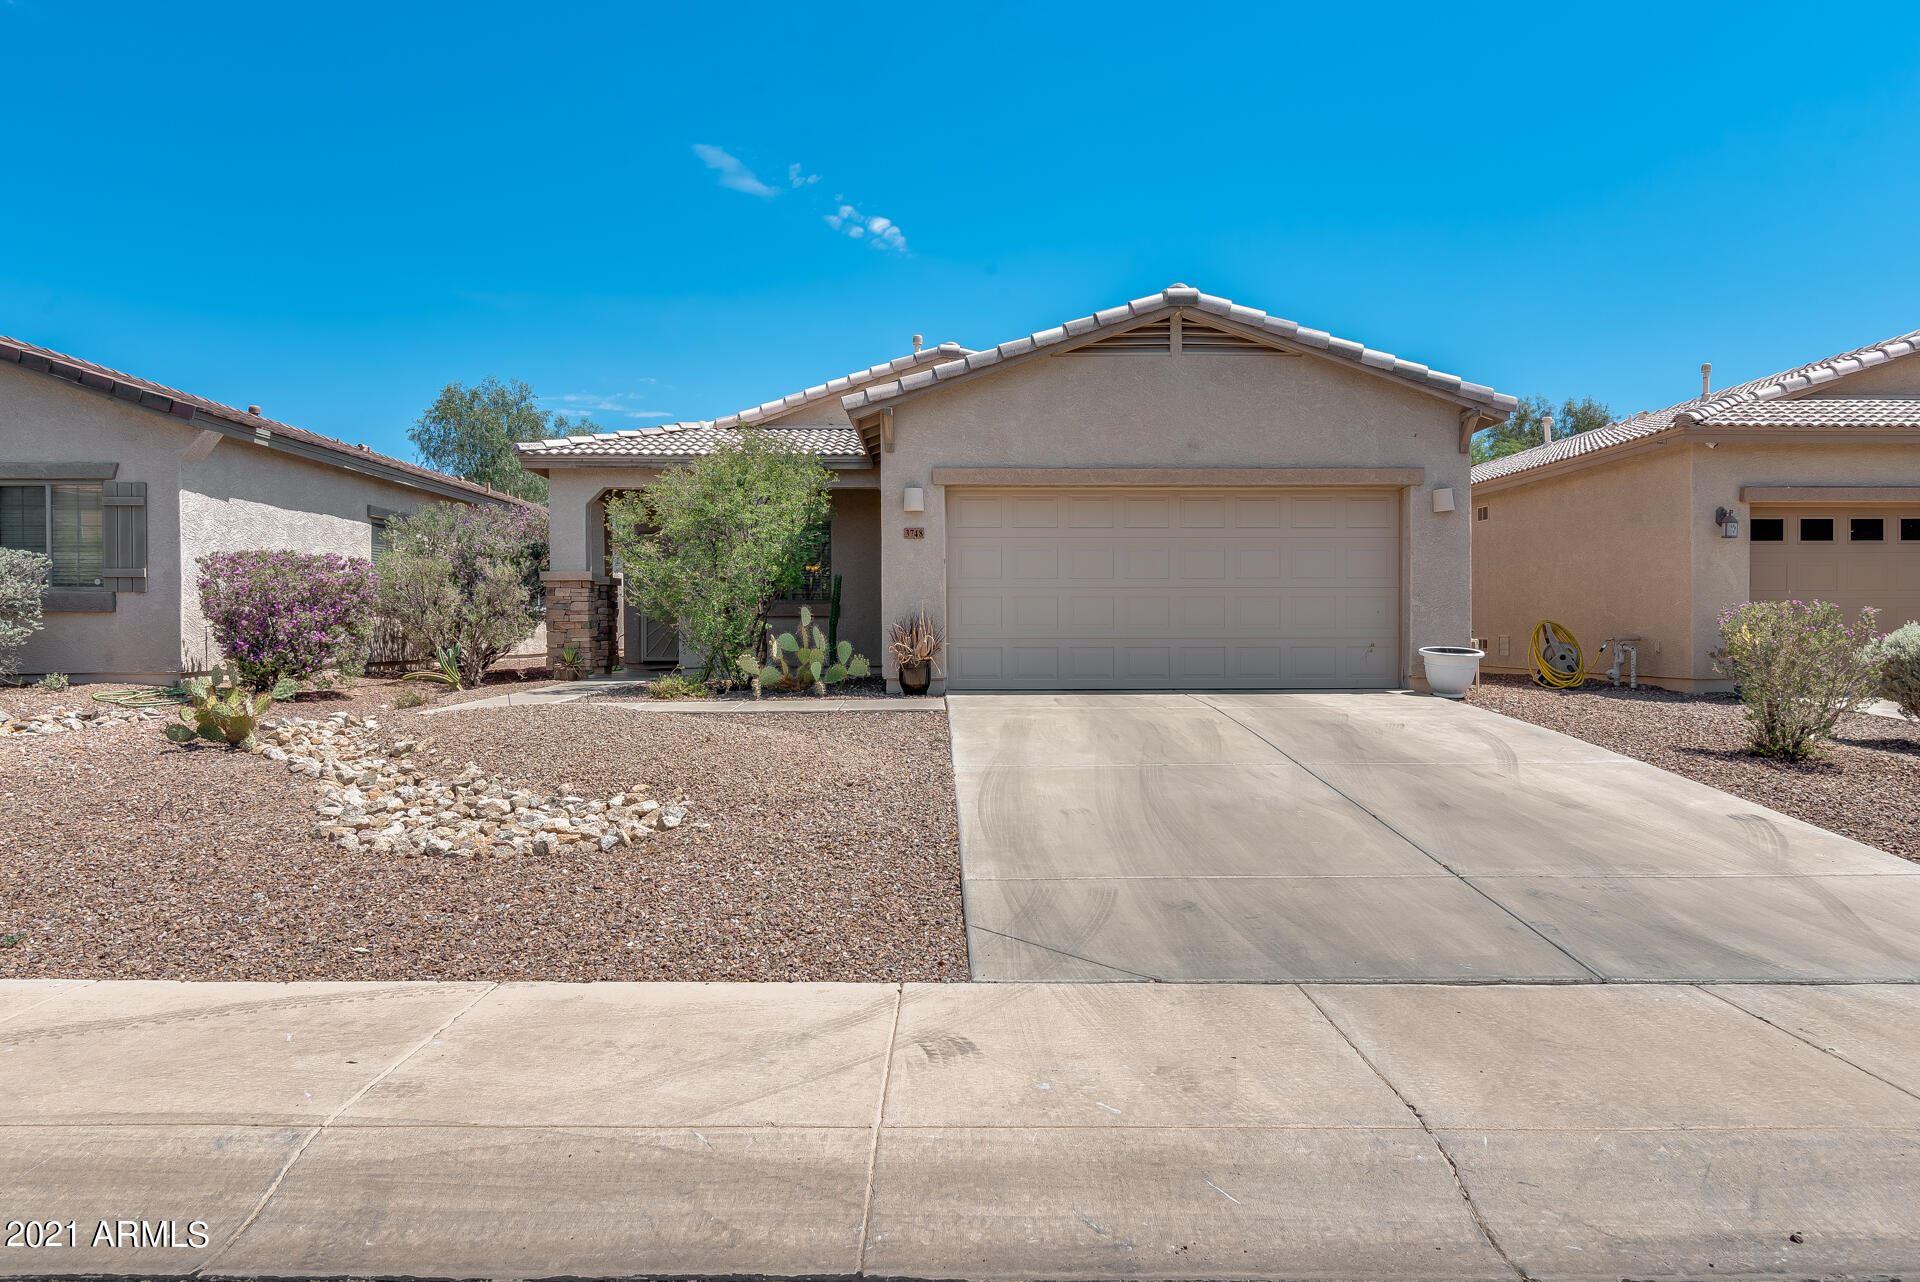 Photo of 3748 W WHITMAN Drive, Anthem, AZ 85086 (MLS # 6247183)